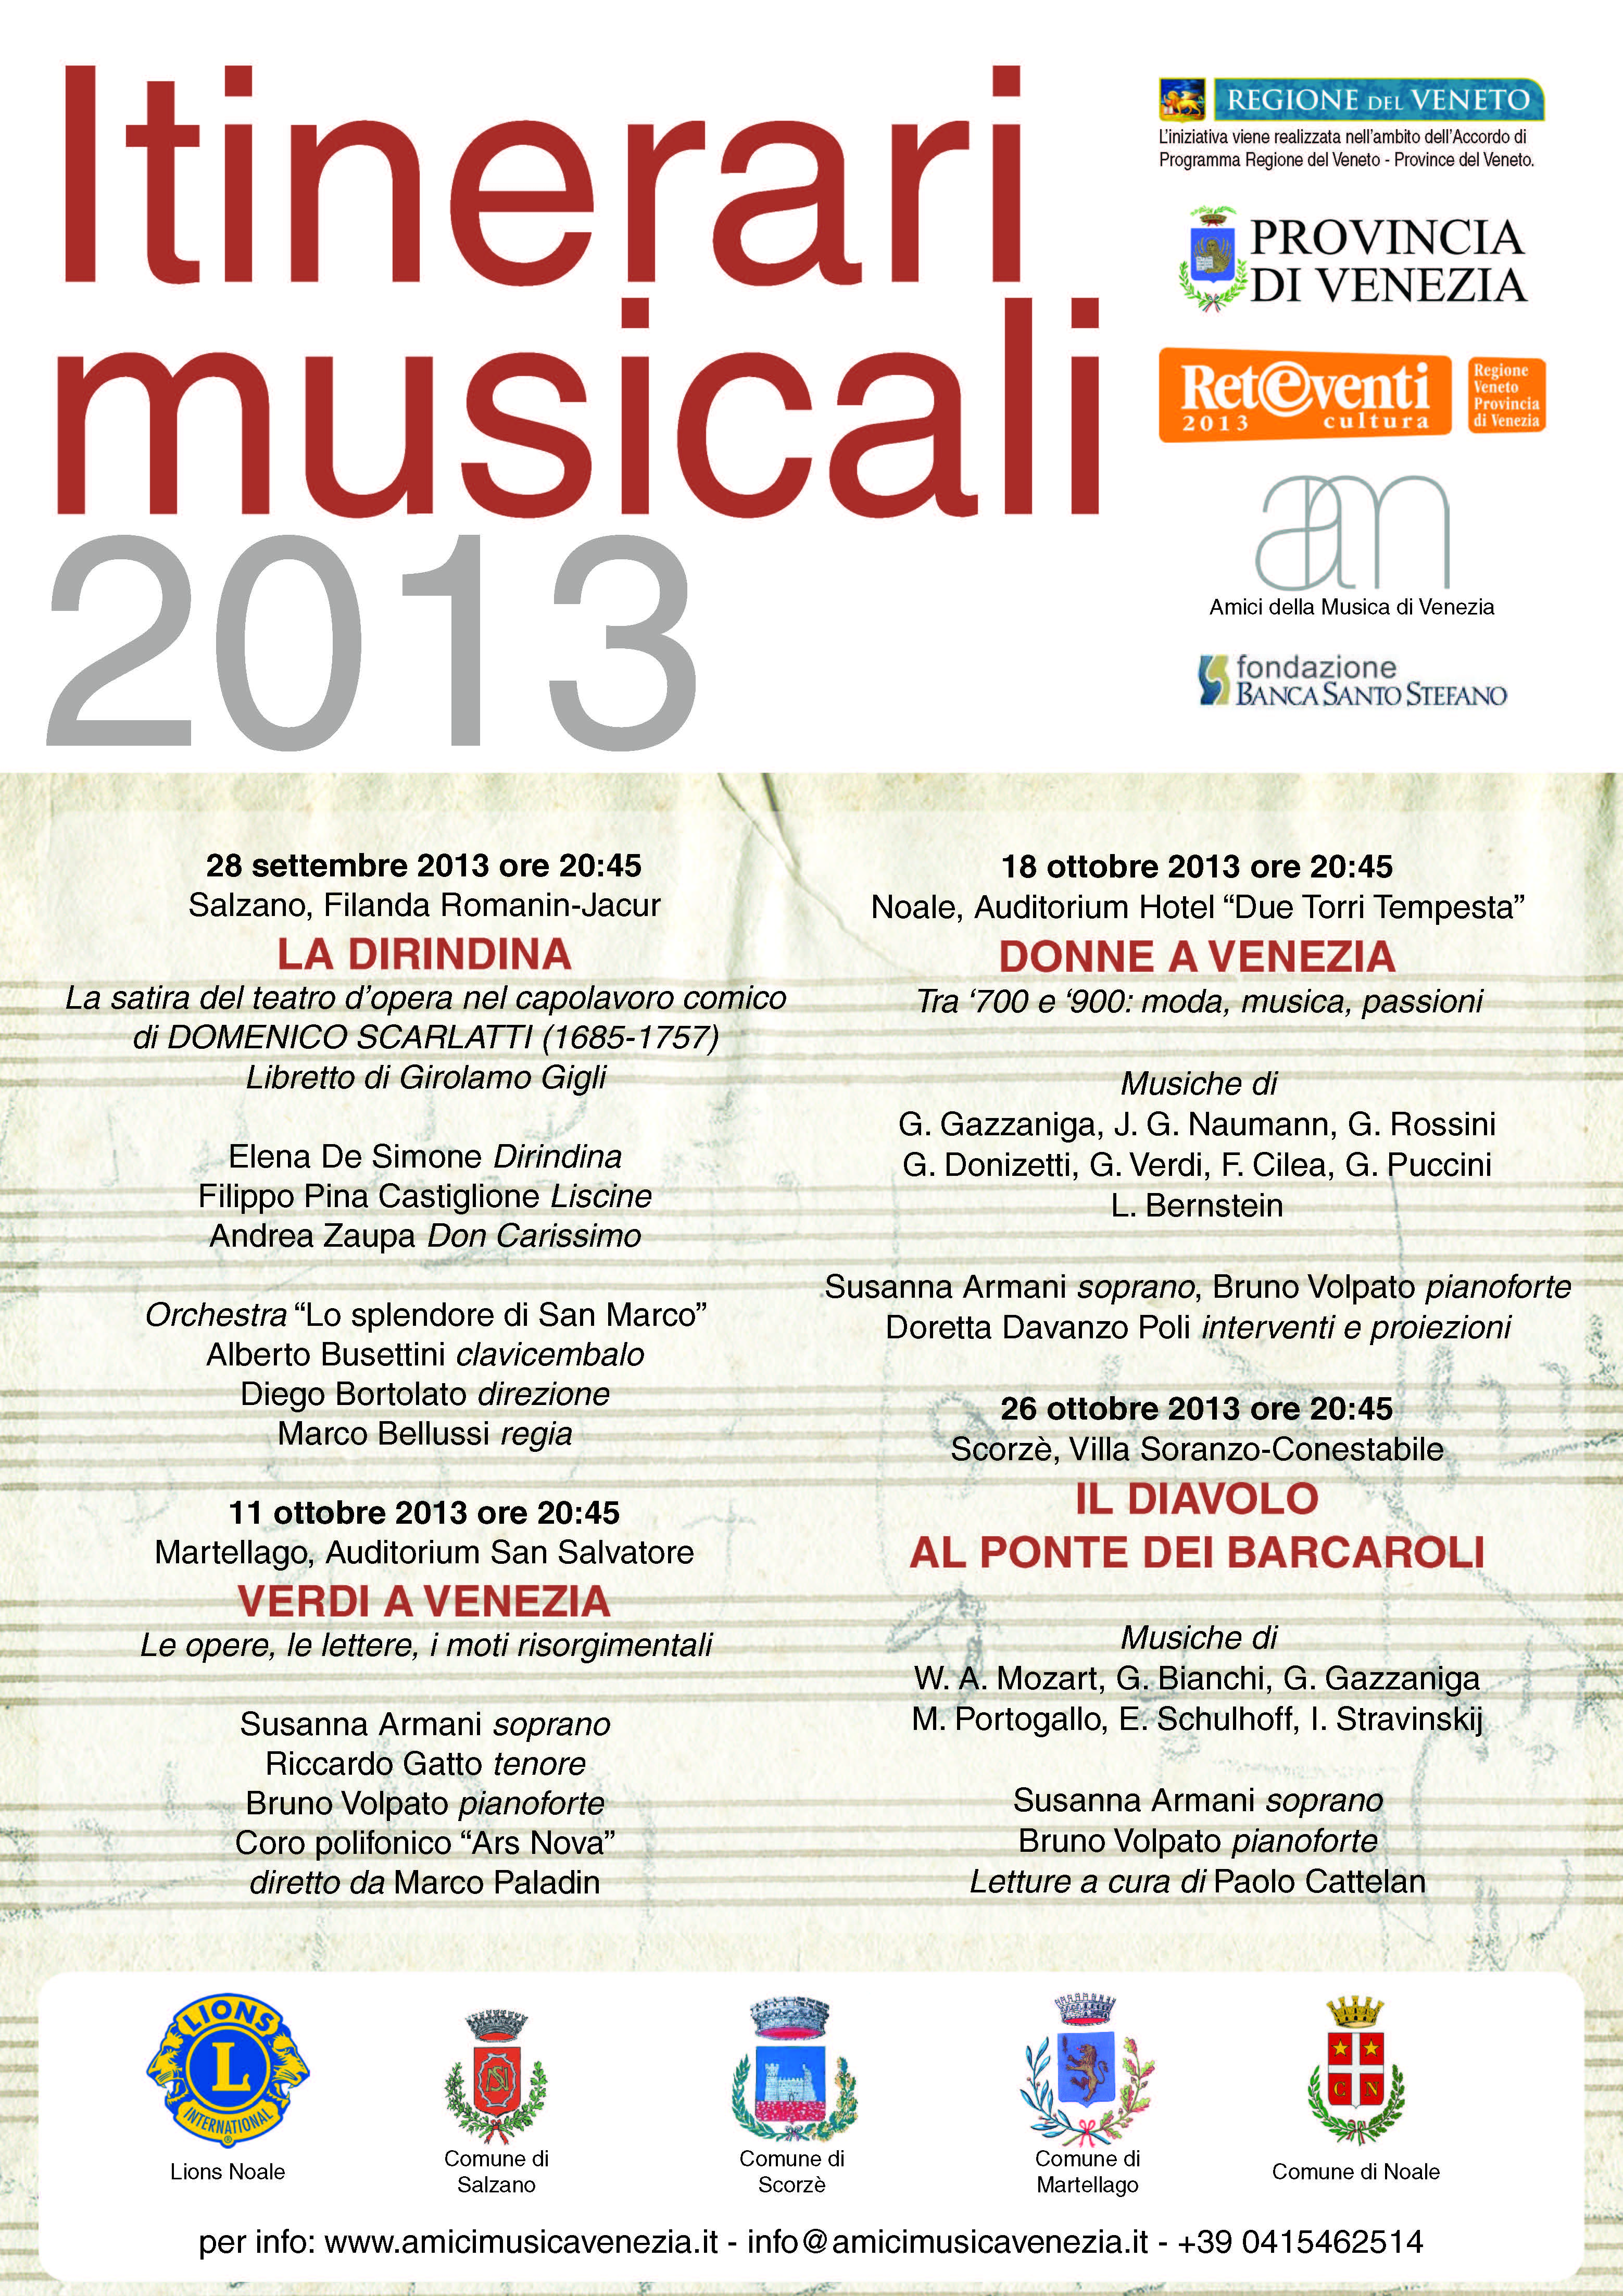 Itinerari musicali 2013